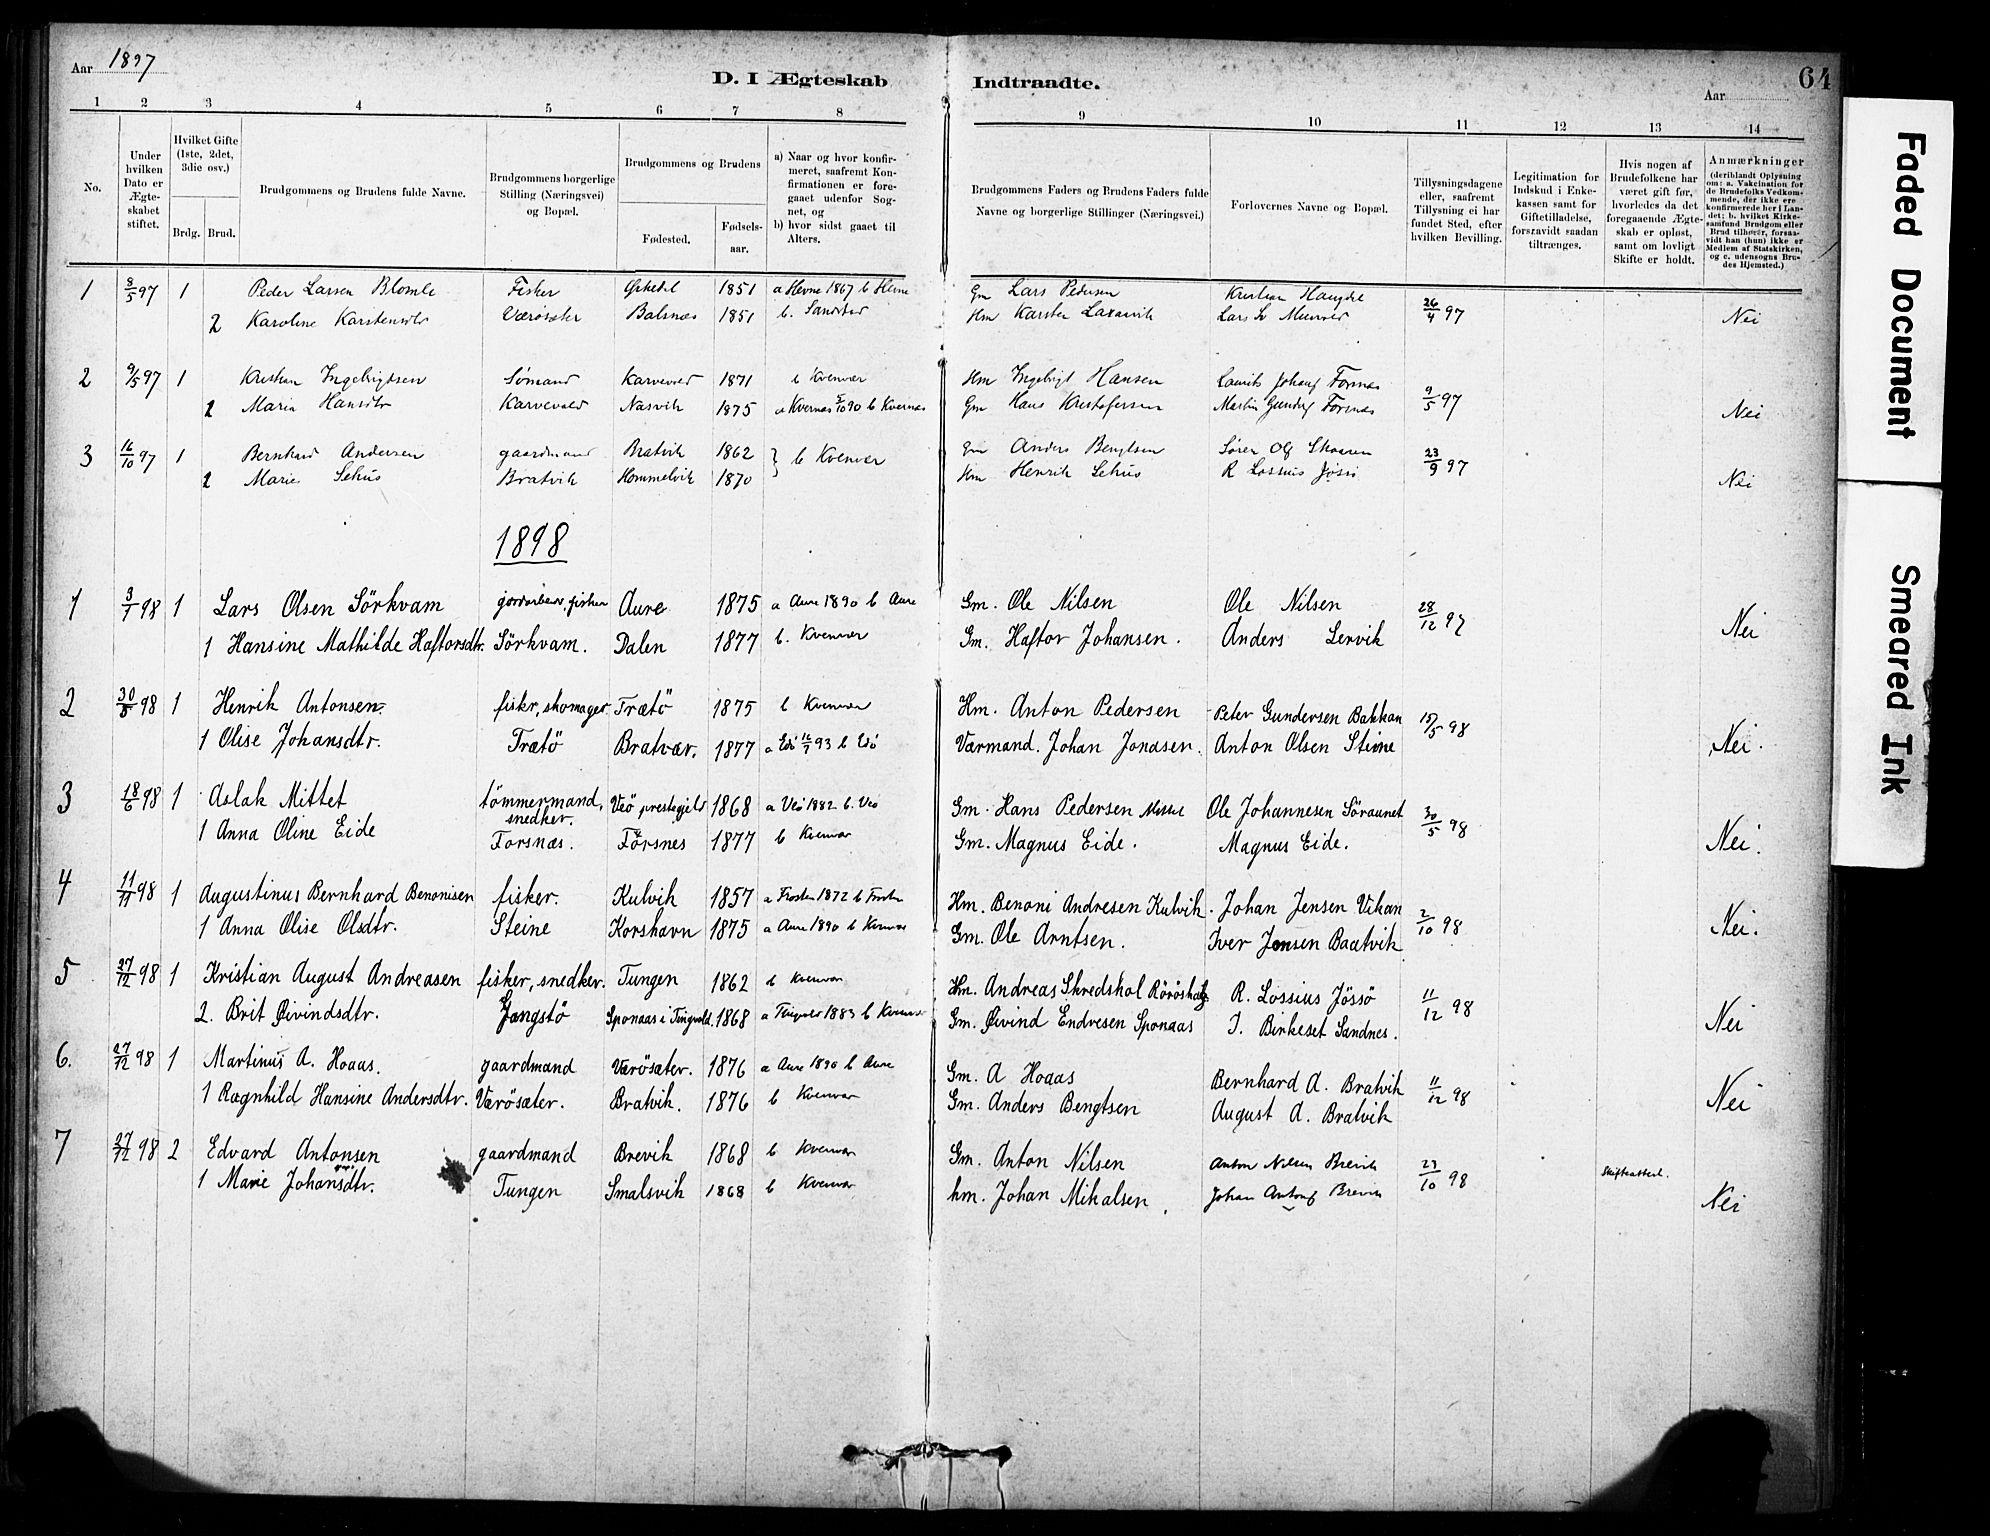 SAT, Ministerialprotokoller, klokkerbøker og fødselsregistre - Sør-Trøndelag, 635/L0551: Ministerialbok nr. 635A01, 1882-1899, s. 64